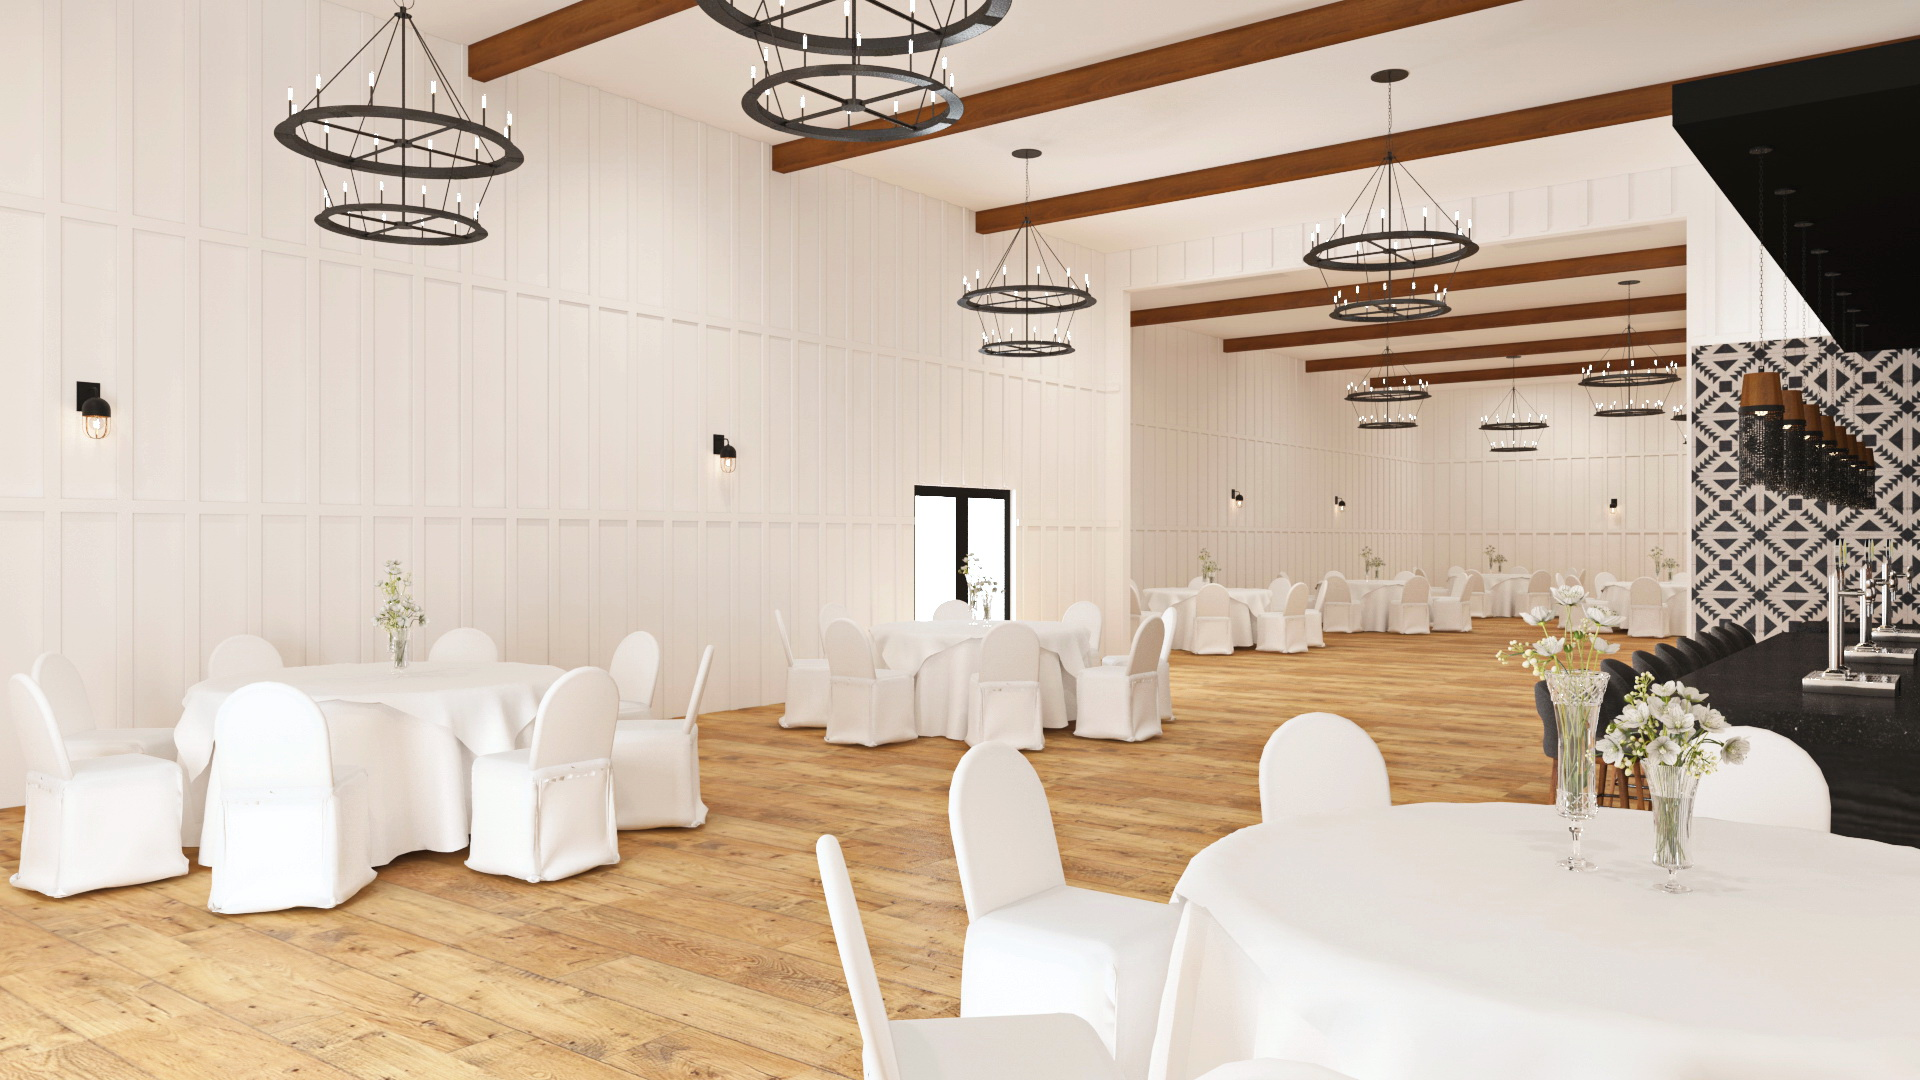 Banquet  interior 02 05-19-2020.jpg